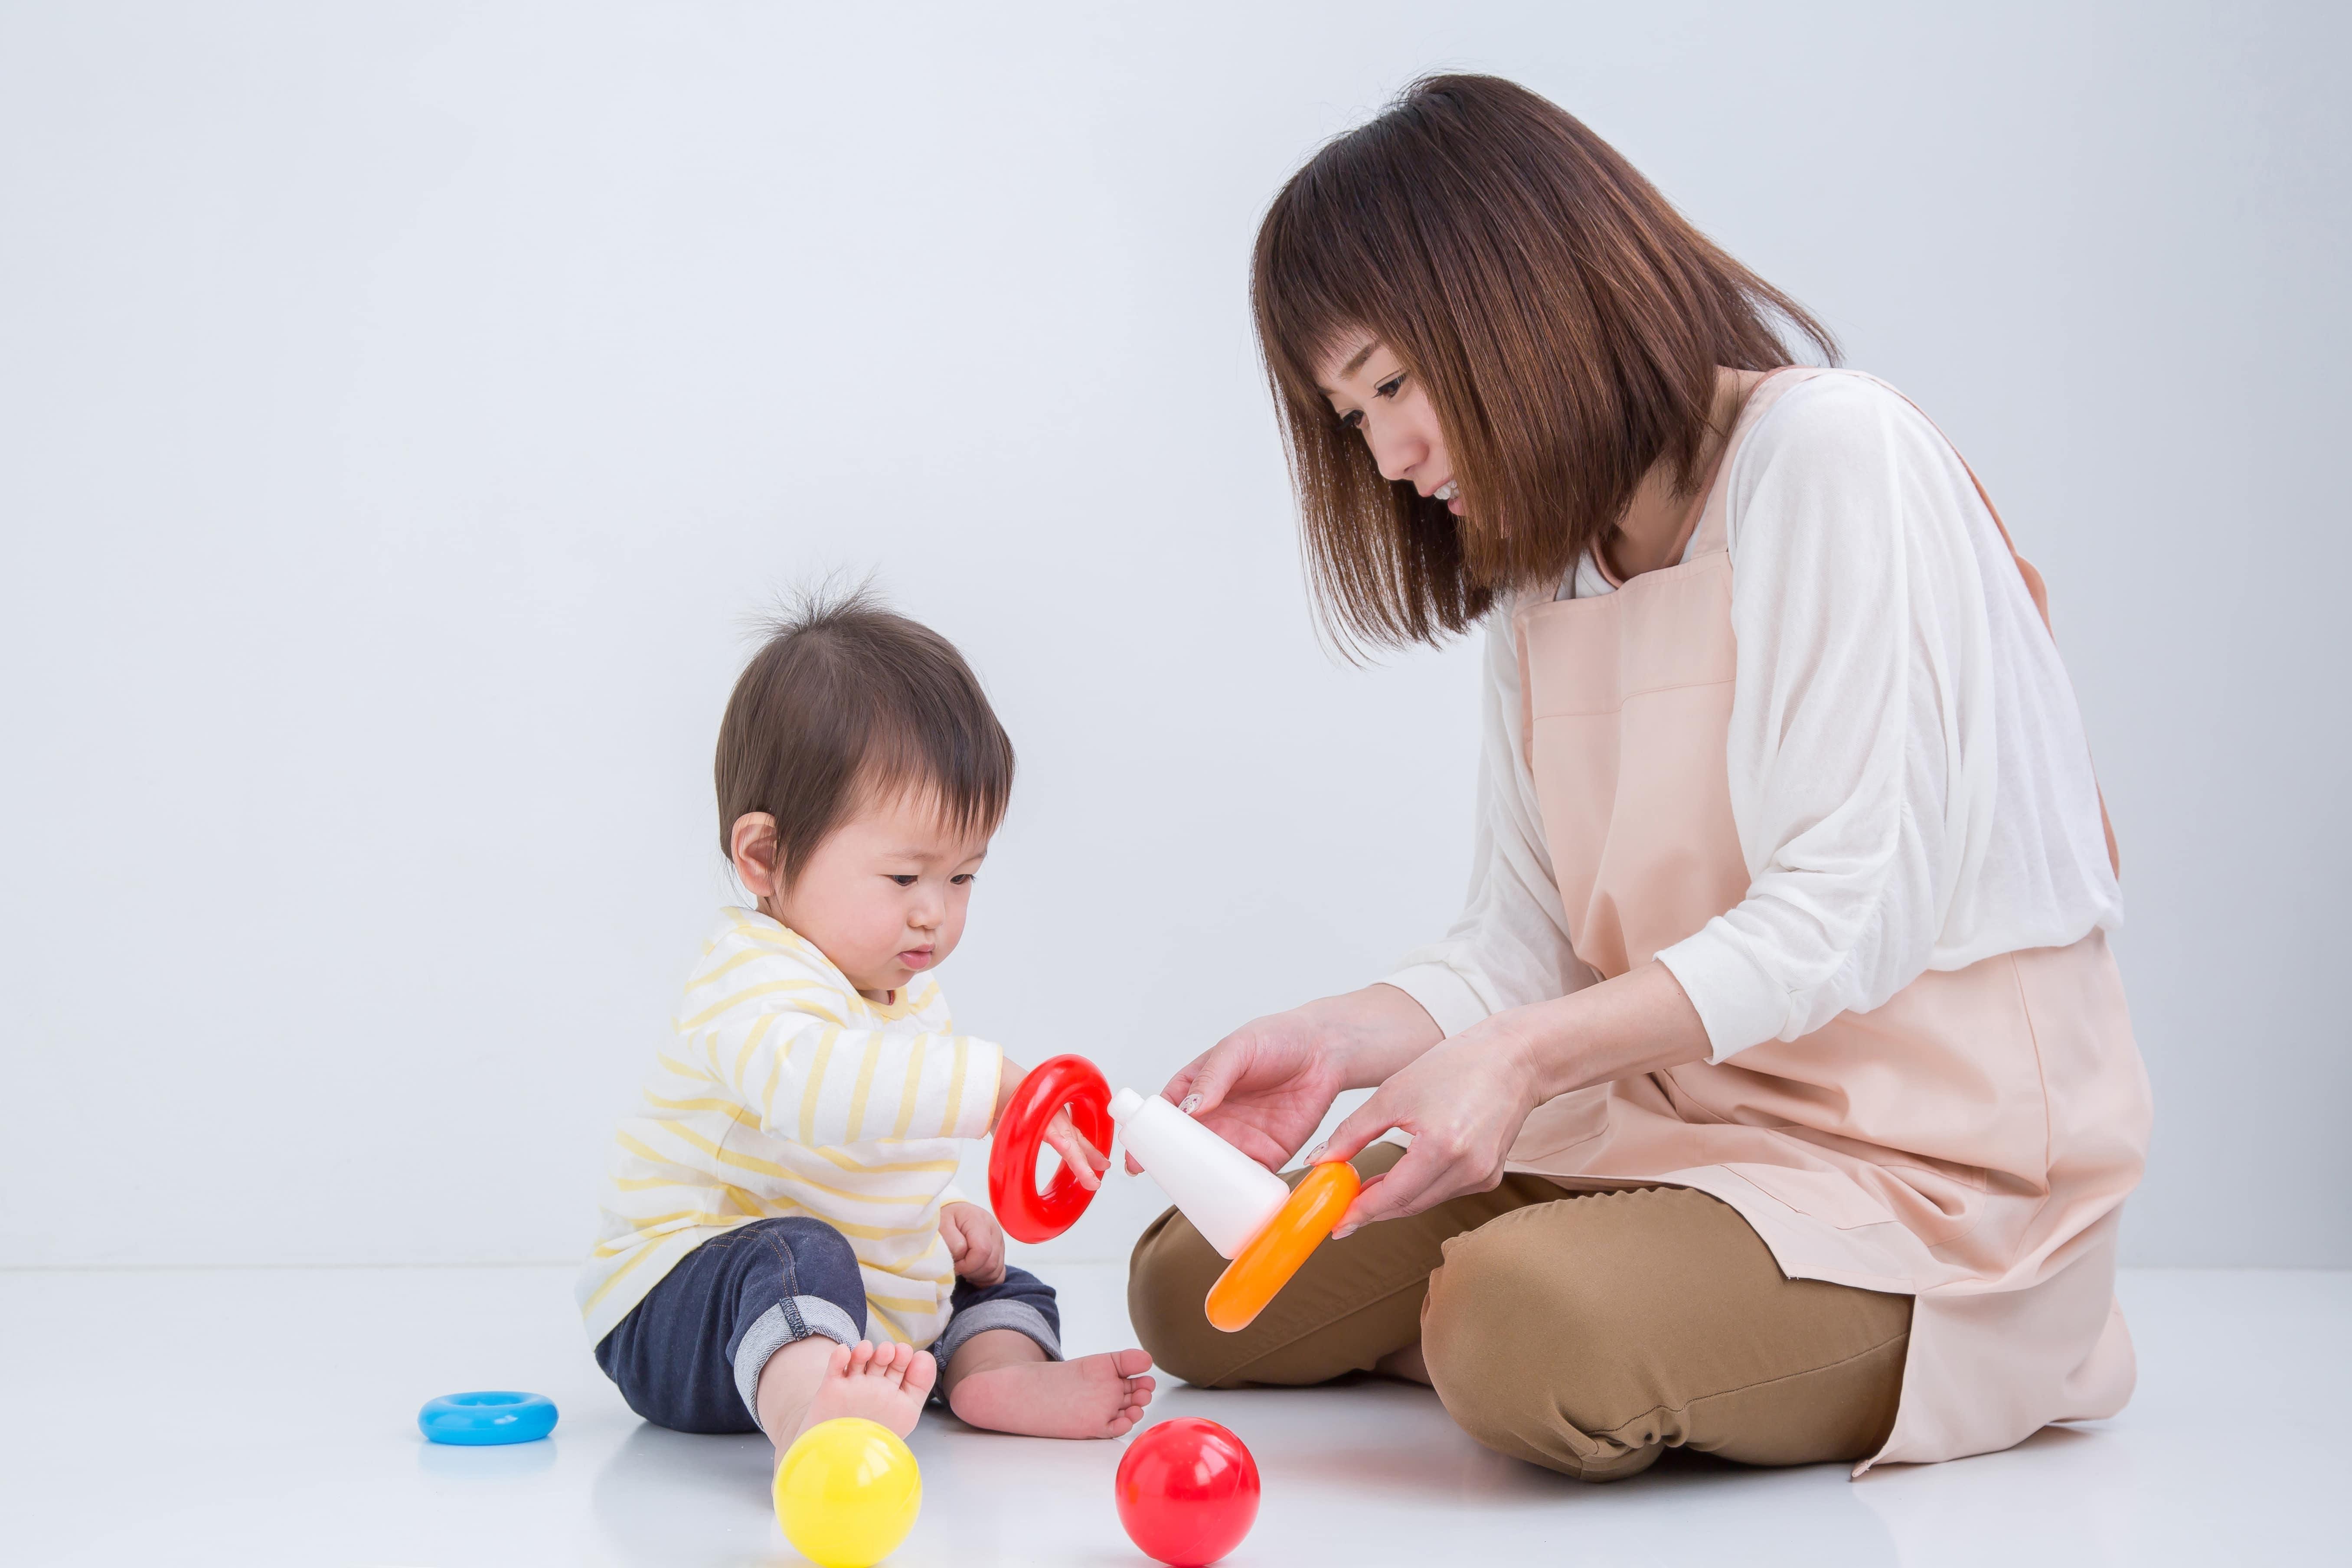 赤ちゃんと遊ぶ女性